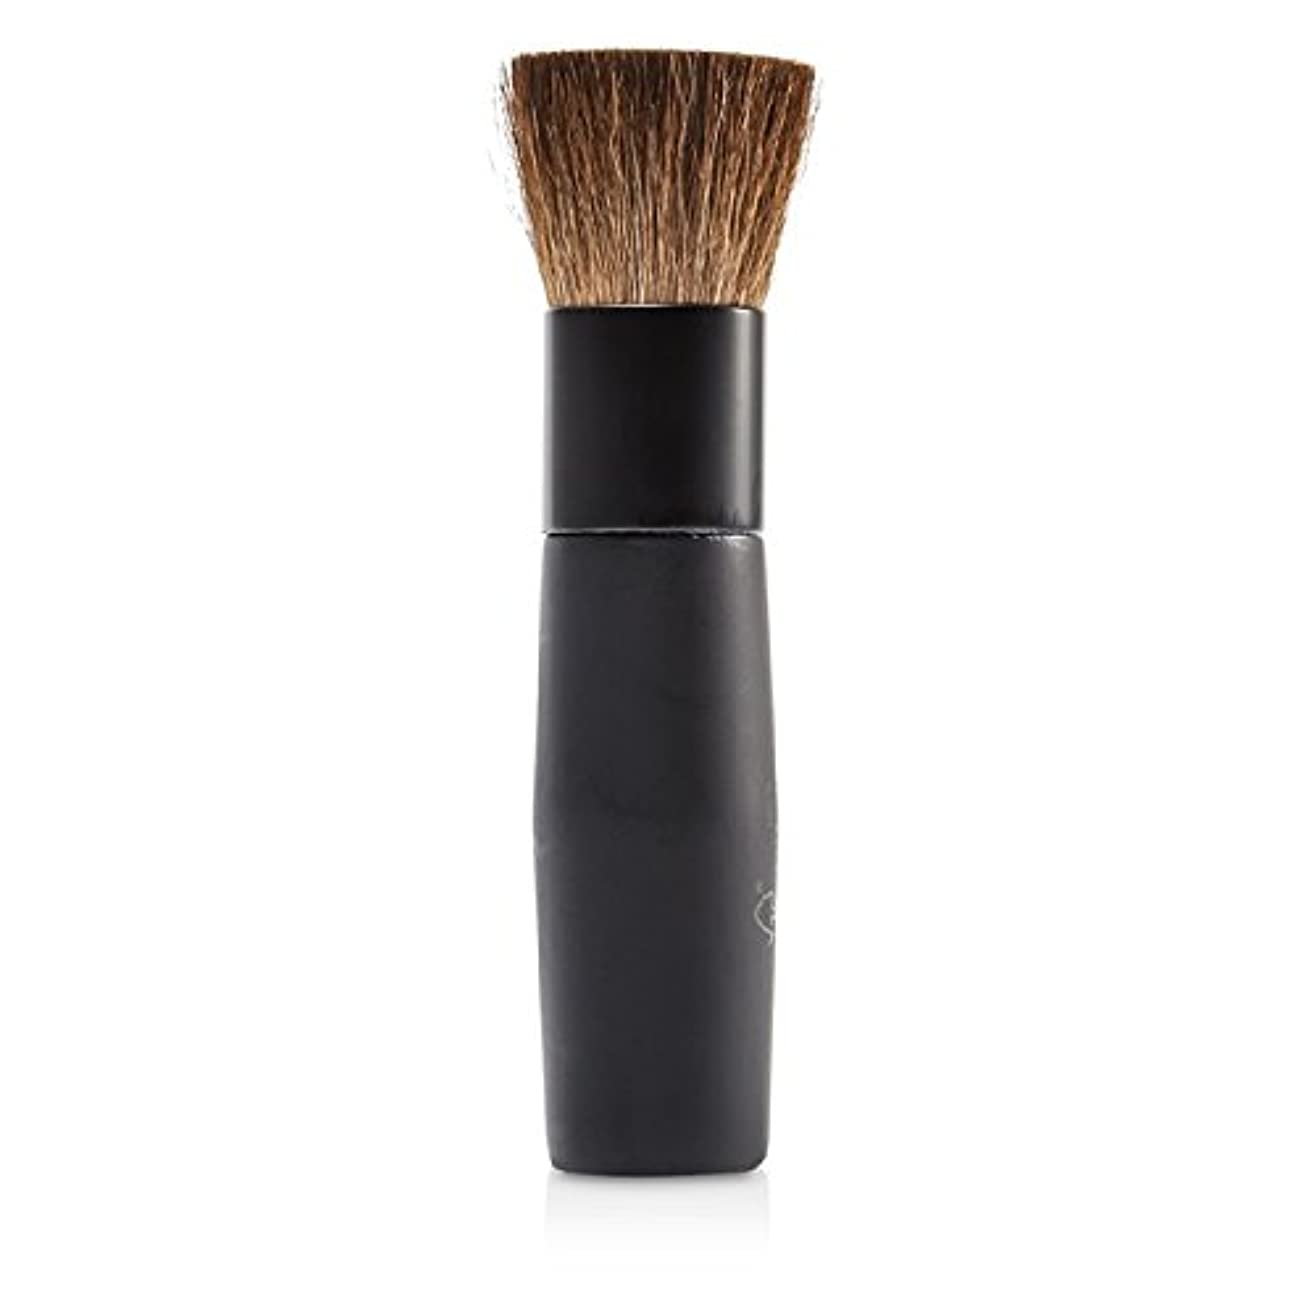 ストリーム章豊富ヤングブラッド Ultimate Foundation Brush 2.8g/0.1oz並行輸入品